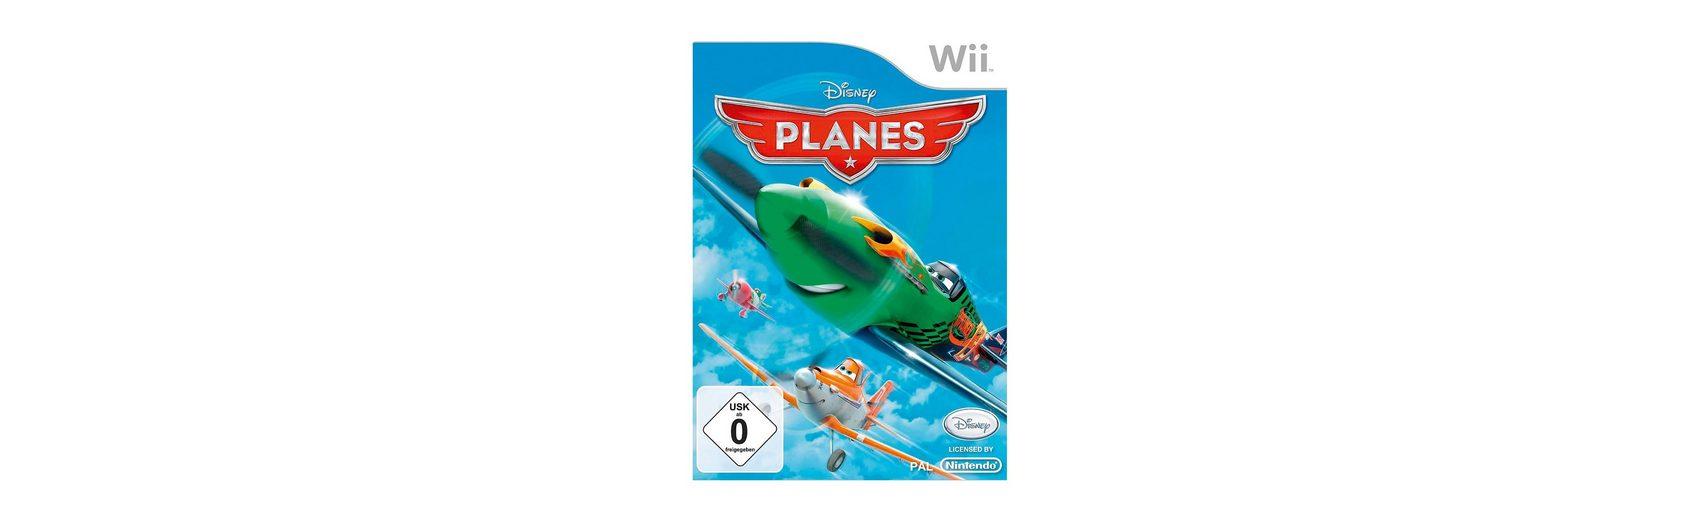 ak tronic Wii Planes